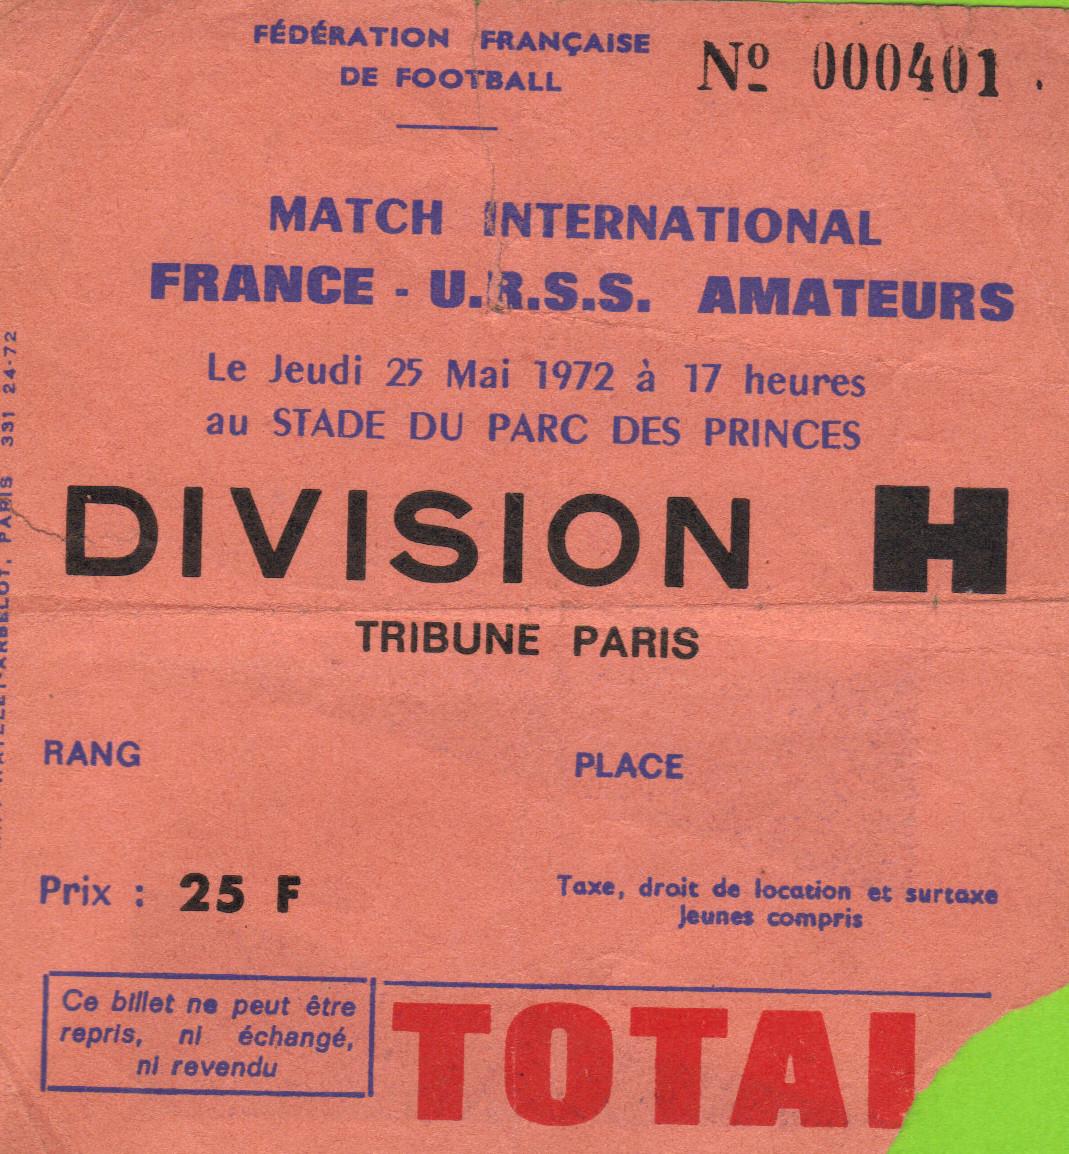 France - URSS Amateurs, Inauguration du Nouveau Parc des Princes